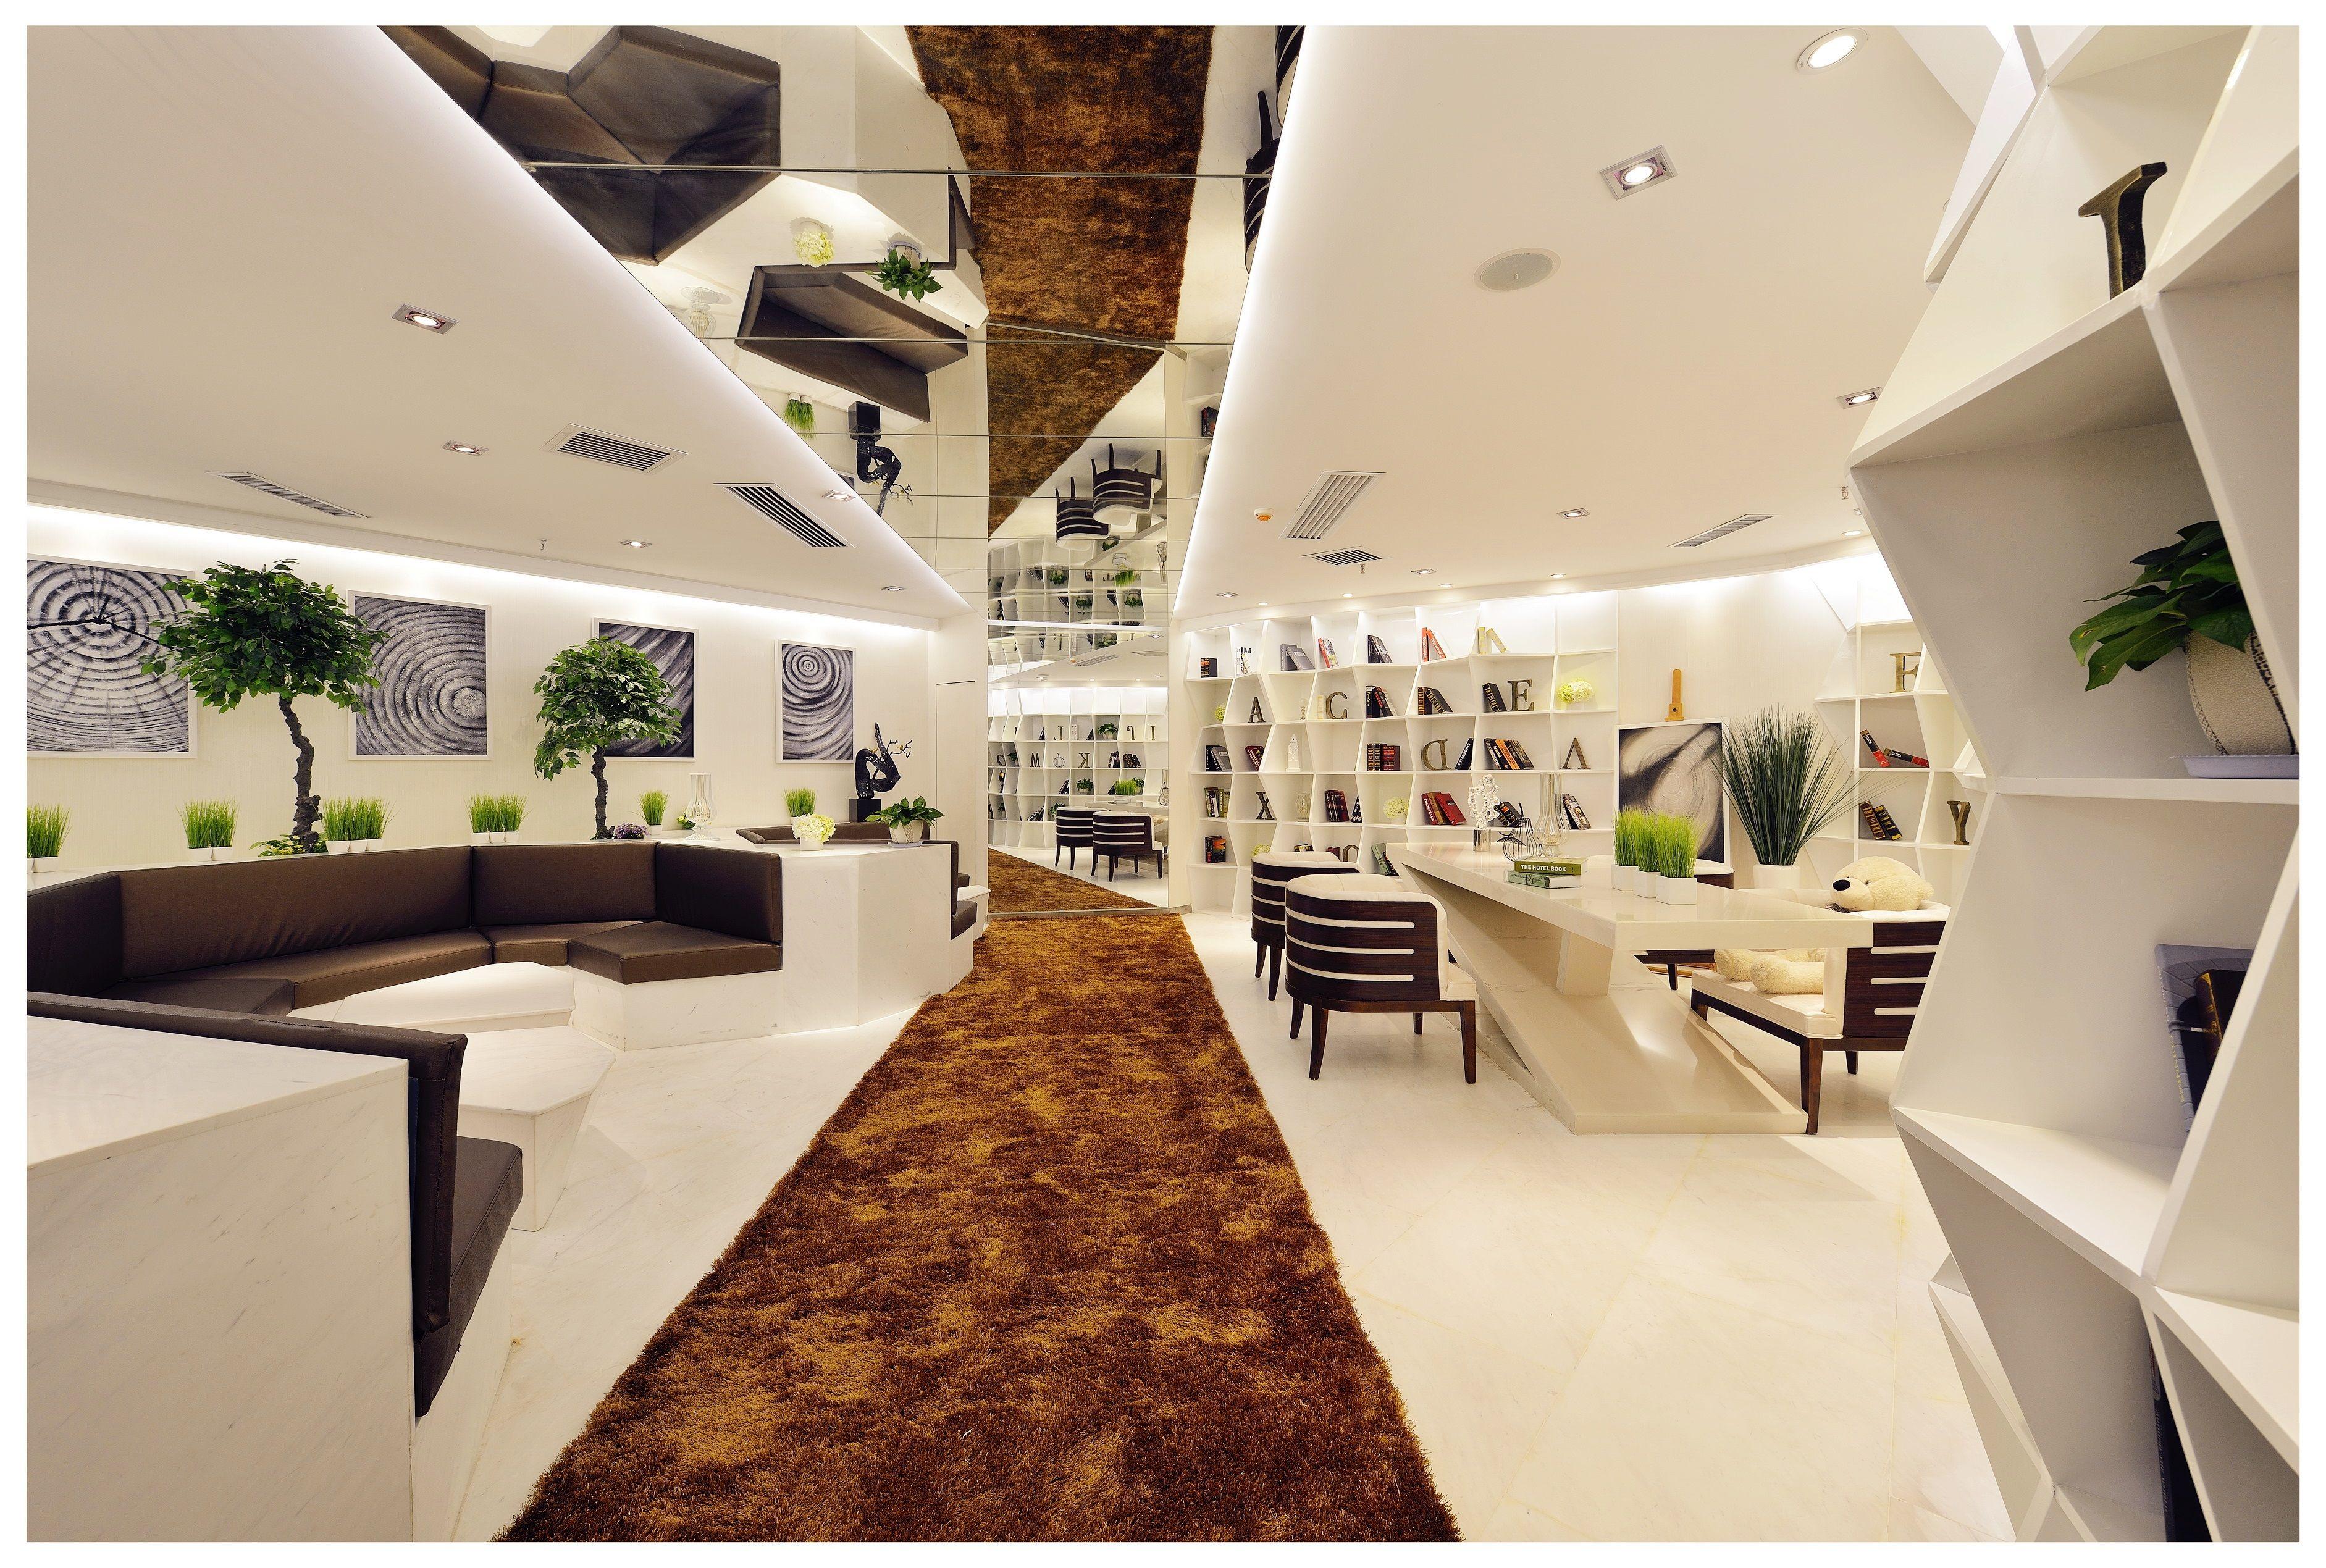 蔚蓝东庭售楼部 - 展示空间 - 邱洋设计作品案例